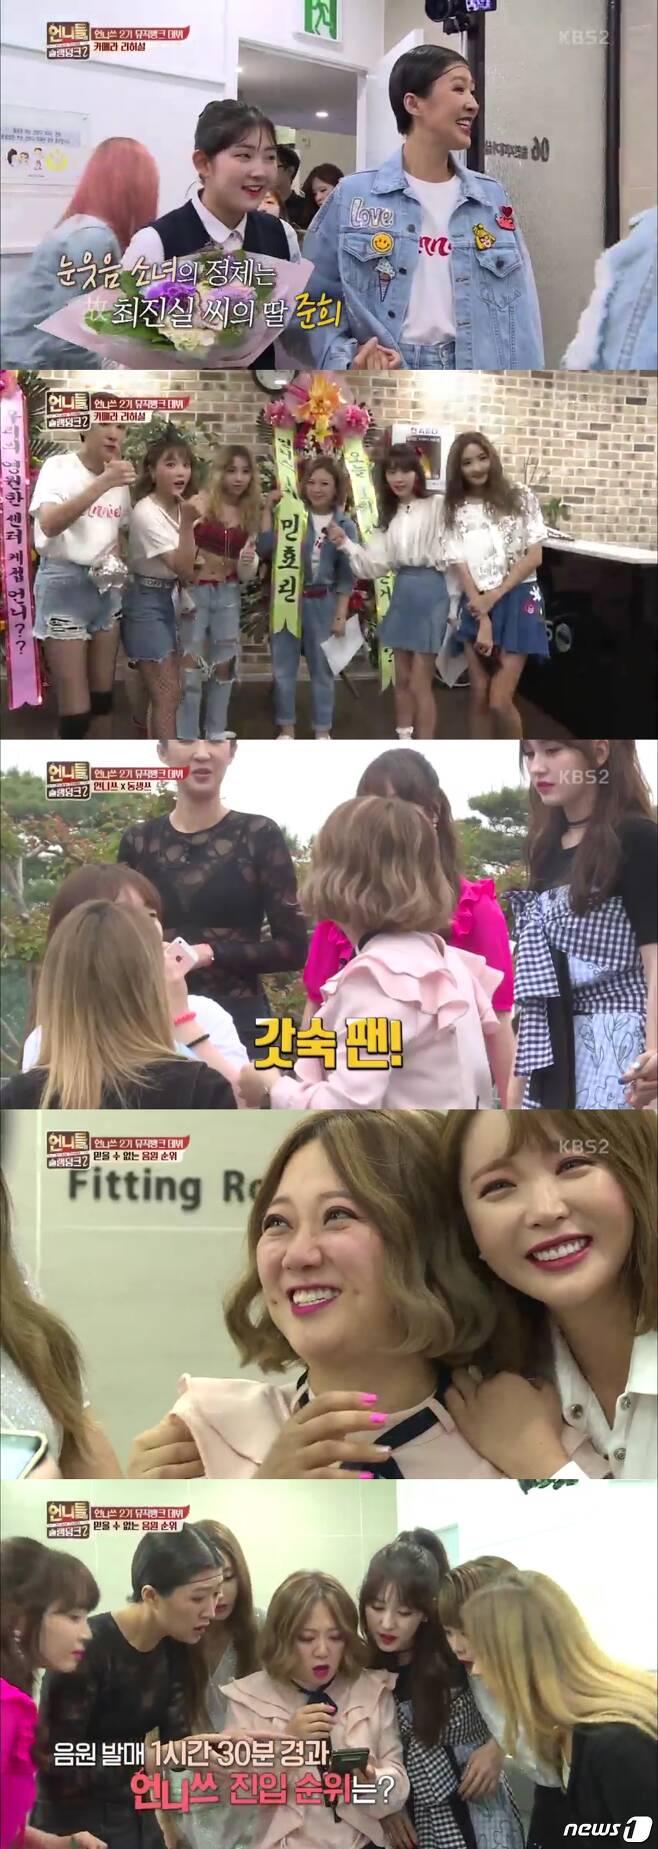 '언니들의 슬램덩크' 방송 캡처 © News1